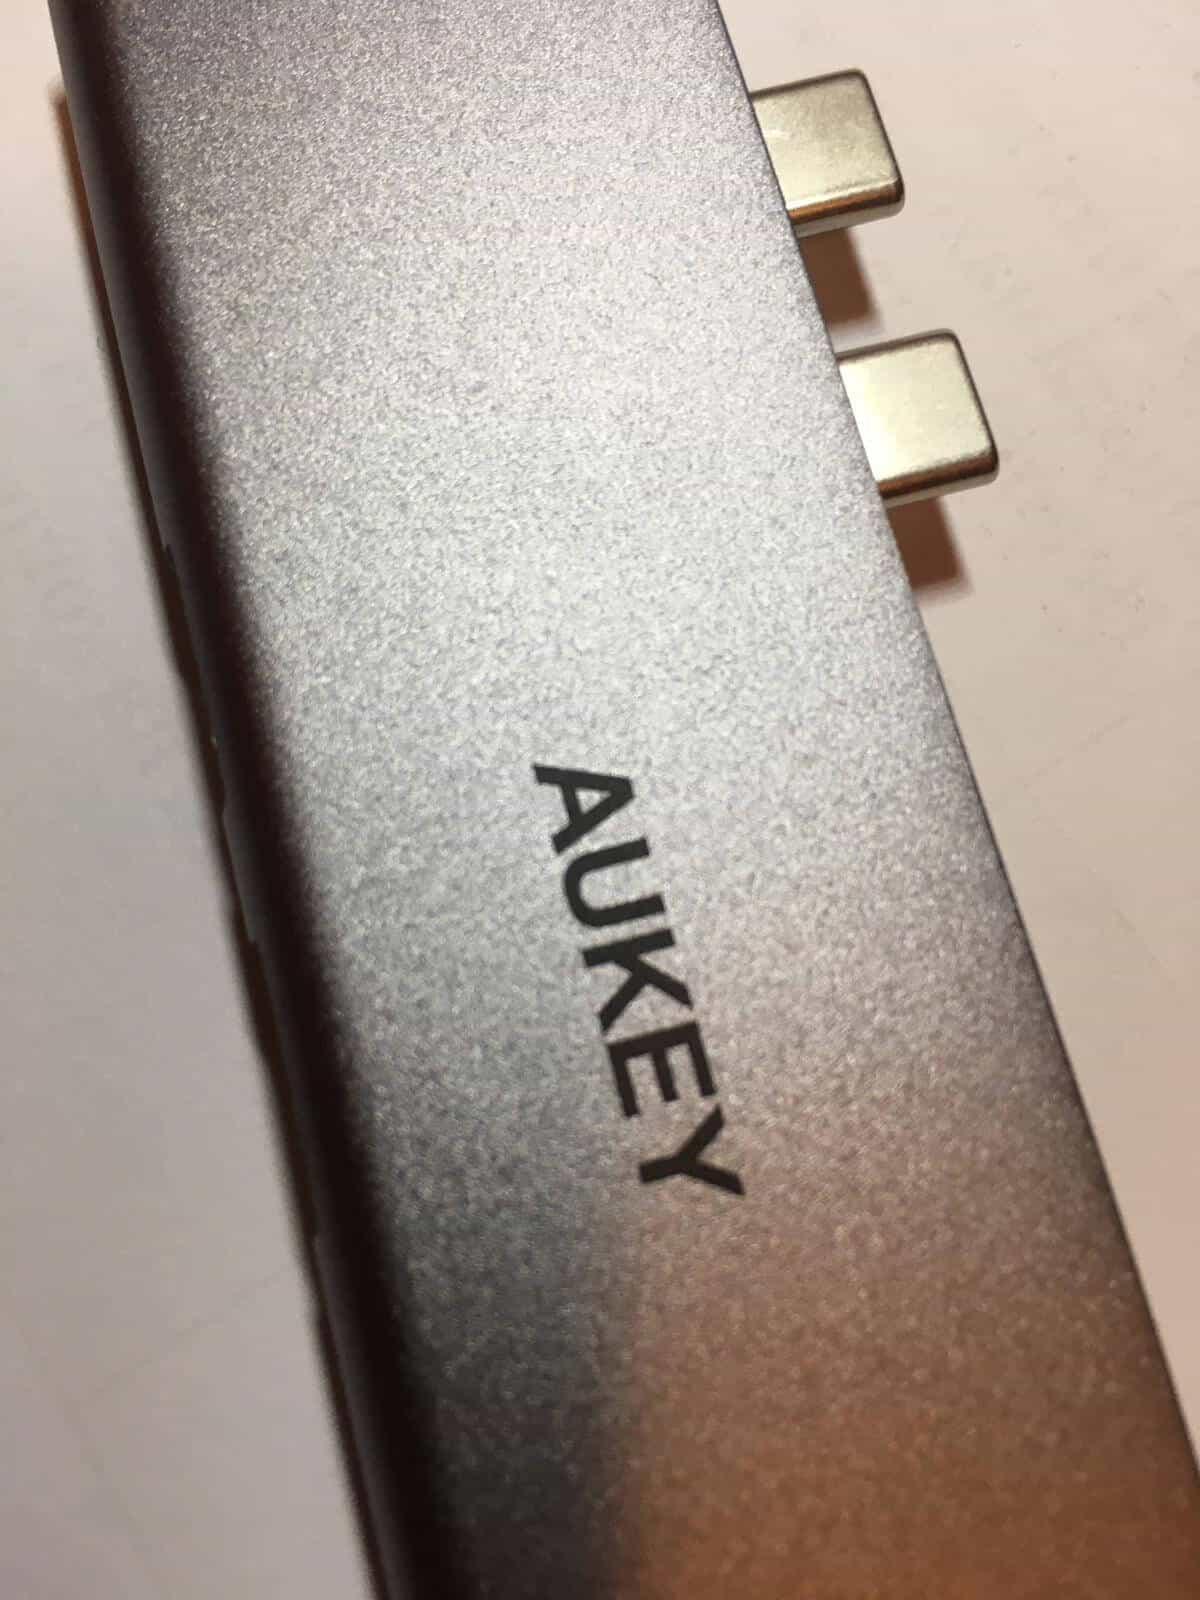 Recensione AUKEY multiport USB-C HUB 4